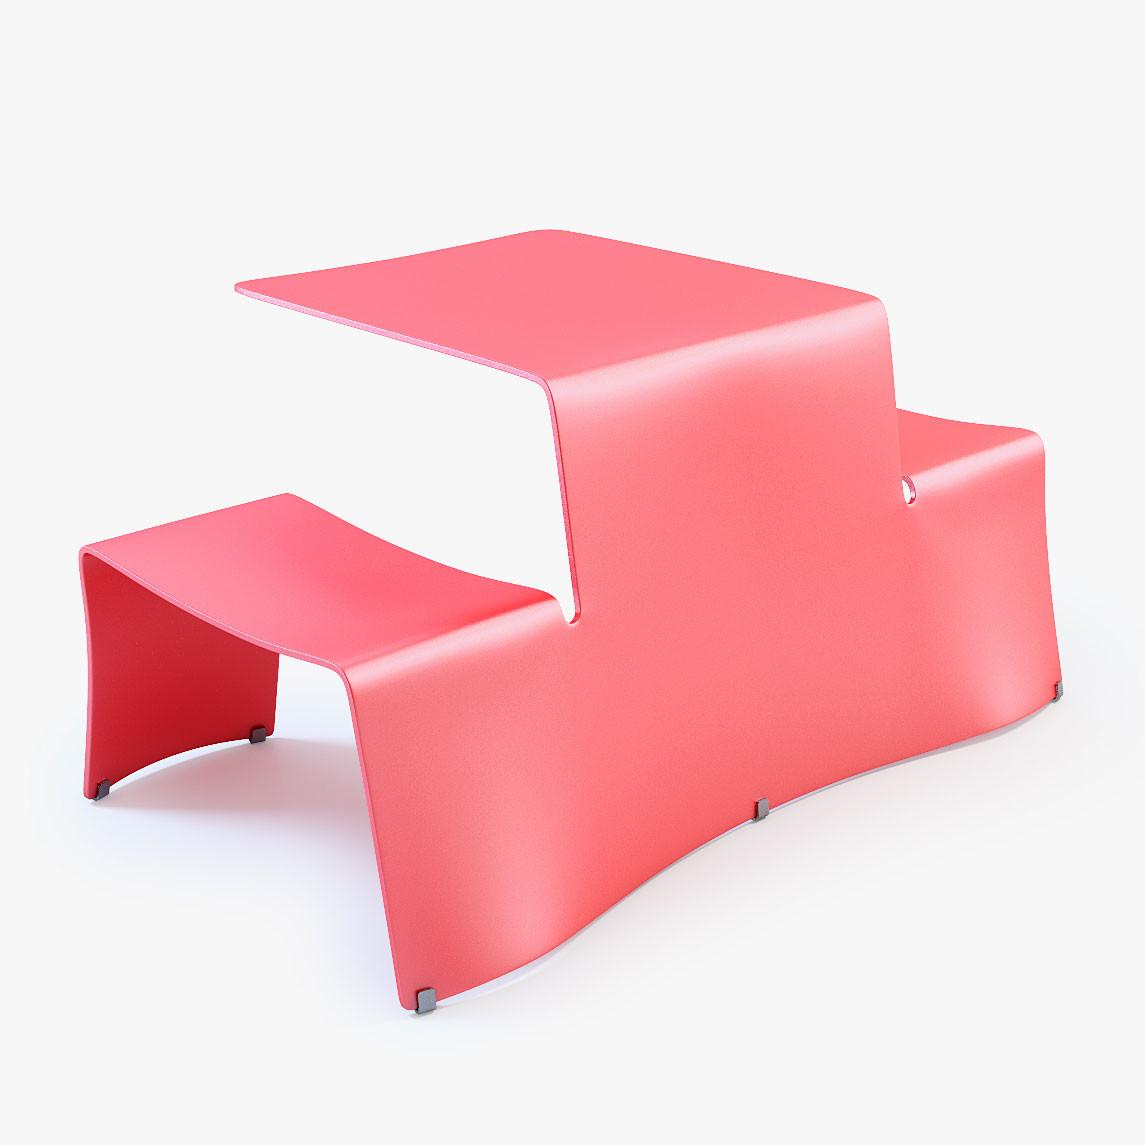 'Picnik'-table_si-1.jpg